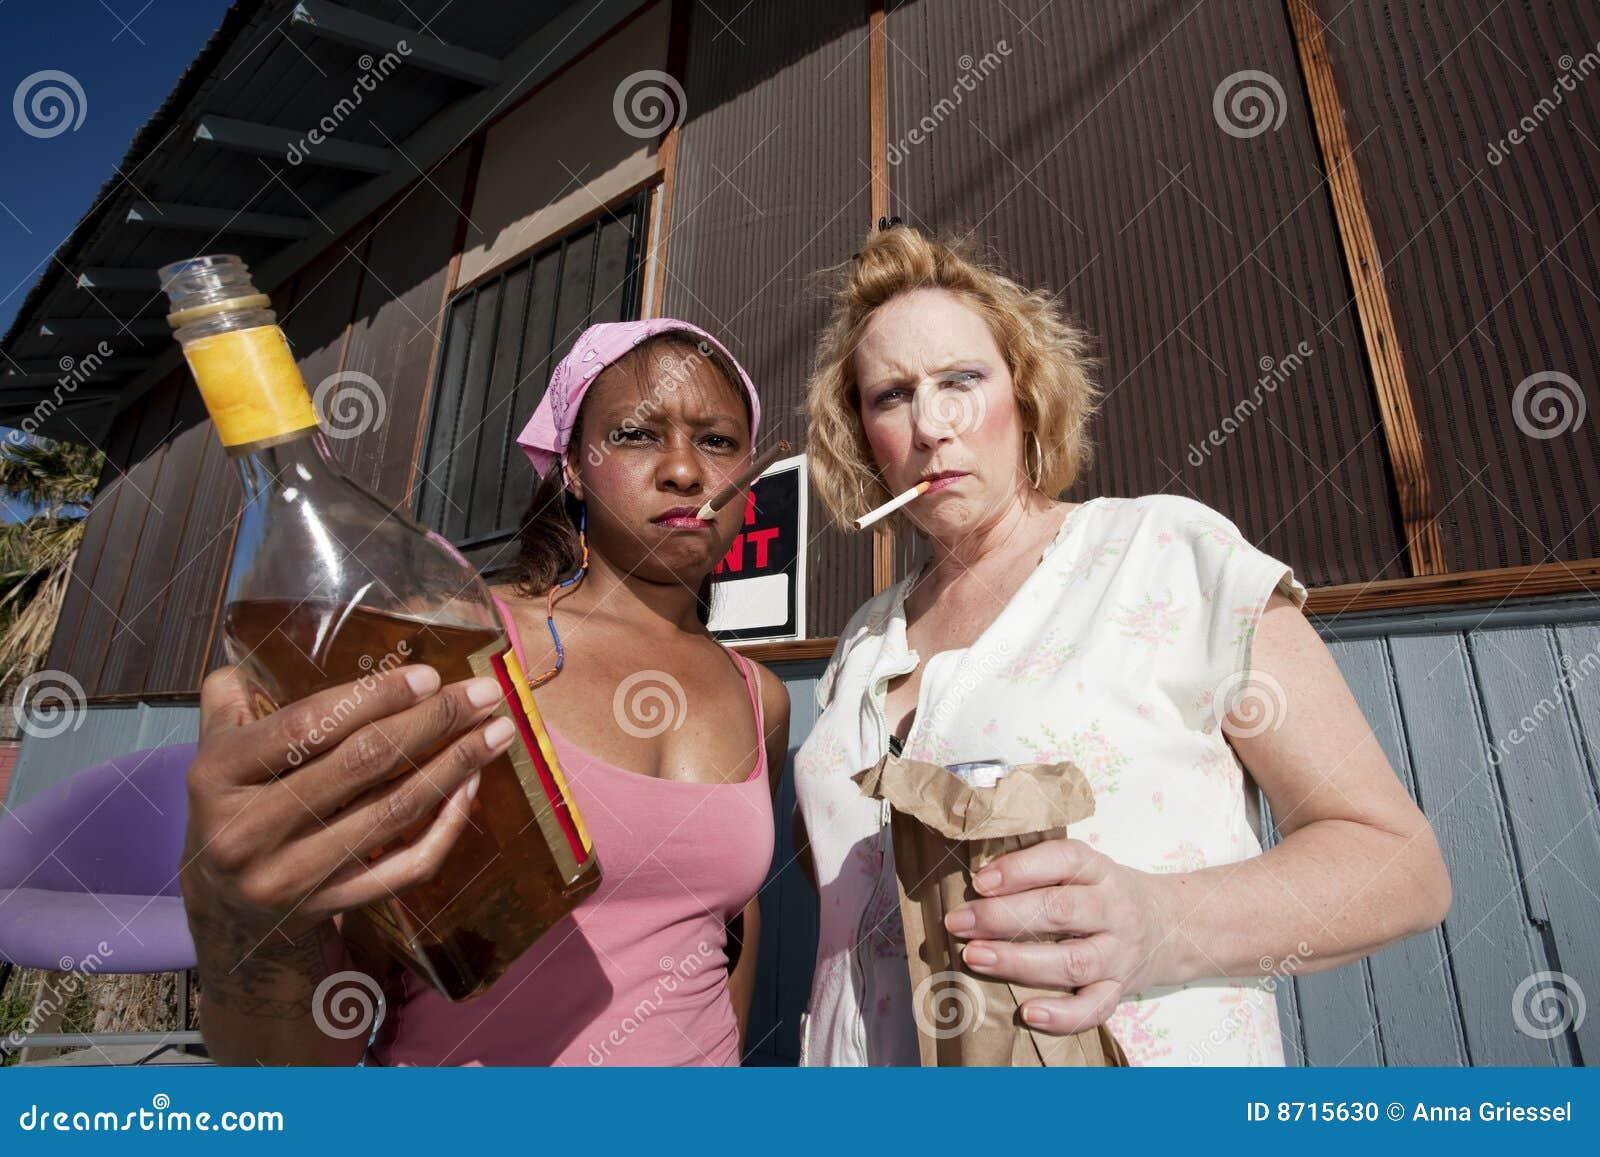 Сайт о пьяных женщинах, Фотографии Пьяные девушки 3 альбома ВКонтакте 24 фотография